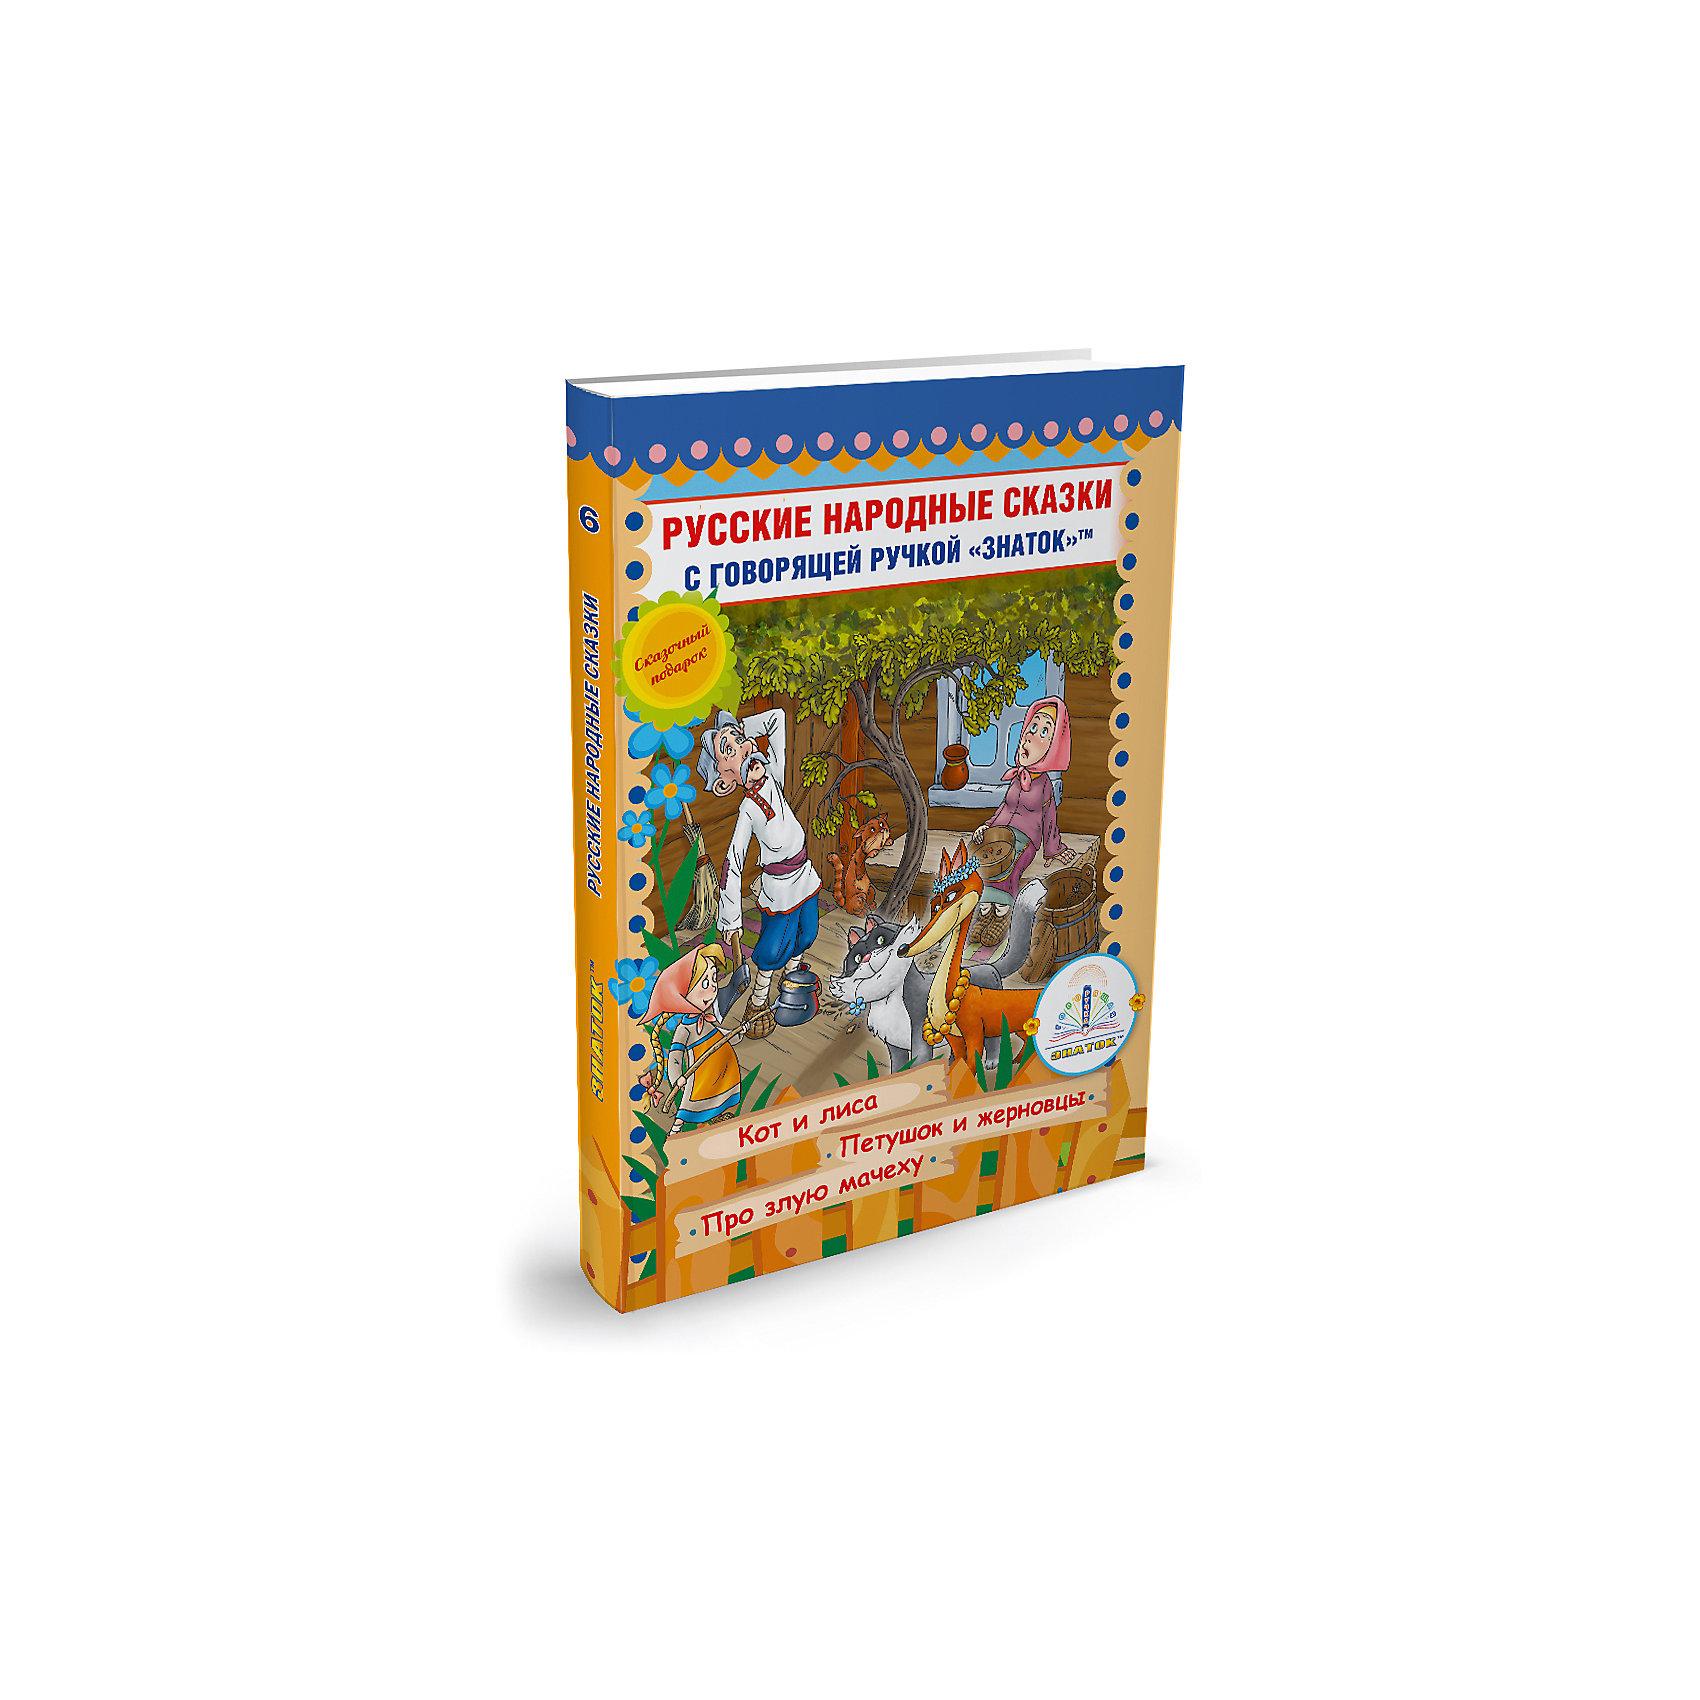 Русские народные сказки для говорящей ручки, ЗнатокГоворящие ручки с книгами<br>Кот и лиса. Петушок и жерновцы. Про злую мачеху. В книгу входят популярные русские народные сказки, в поучительной манере развивающие у детей чувства добра, справедливости, послушания. Книга красочно иллюстрирована, рисунки сопровождаются дополнительным звуковым текстом с помощью говорящей ручки Знаток. Содержит развивающие вопросы и информацию.<br><br>Ширина мм: 265<br>Глубина мм: 190<br>Высота мм: 30<br>Вес г: 279<br>Возраст от месяцев: 36<br>Возраст до месяцев: 2147483647<br>Пол: Унисекс<br>Возраст: Детский<br>SKU: 5596040